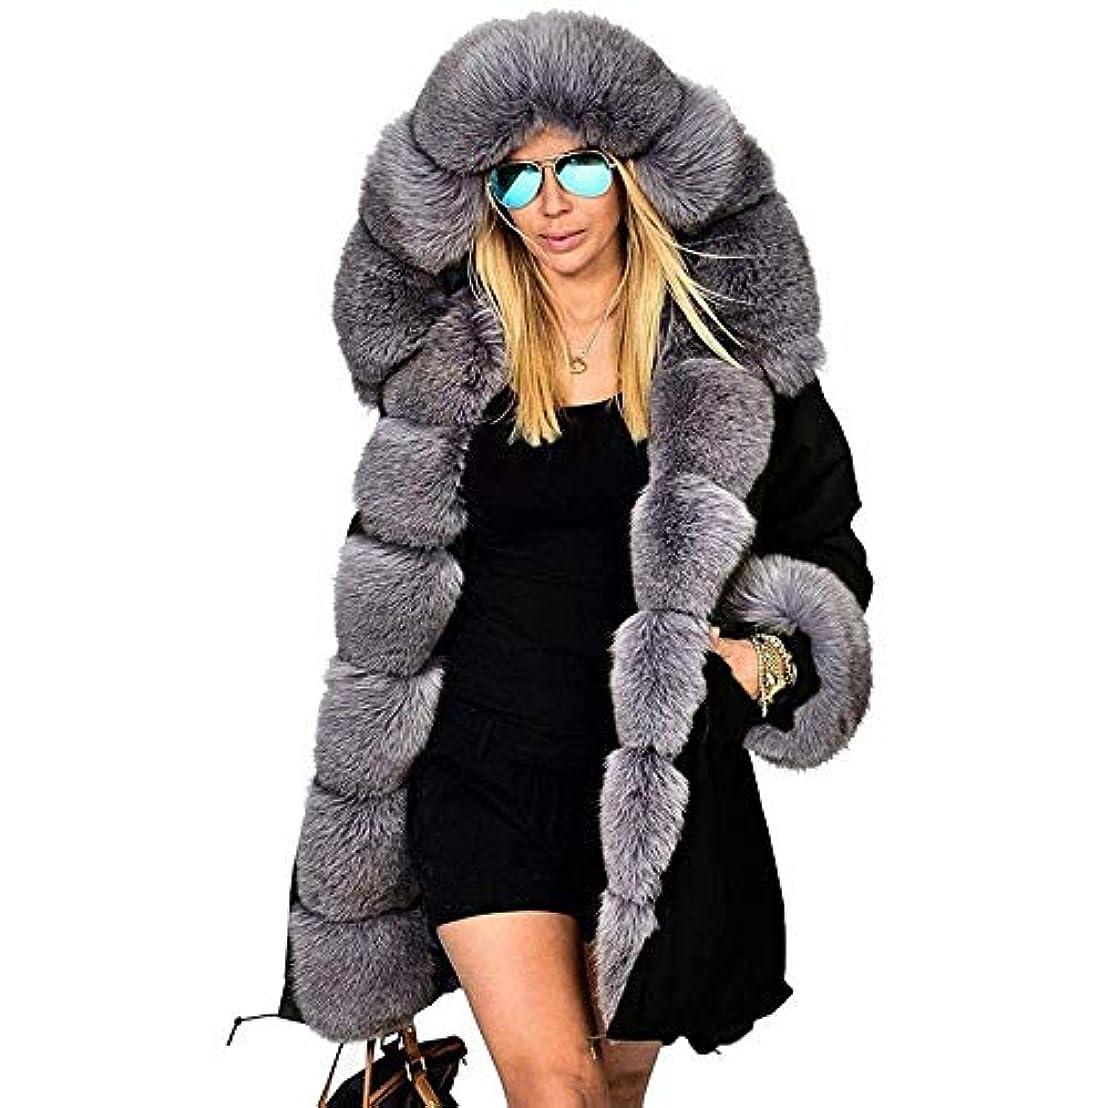 煙スティーブンソンファッションウィメンズジャケット女性ウォームコートフェイクファーコットンオーバーコート女性ロングフードコートパーカー,XXL